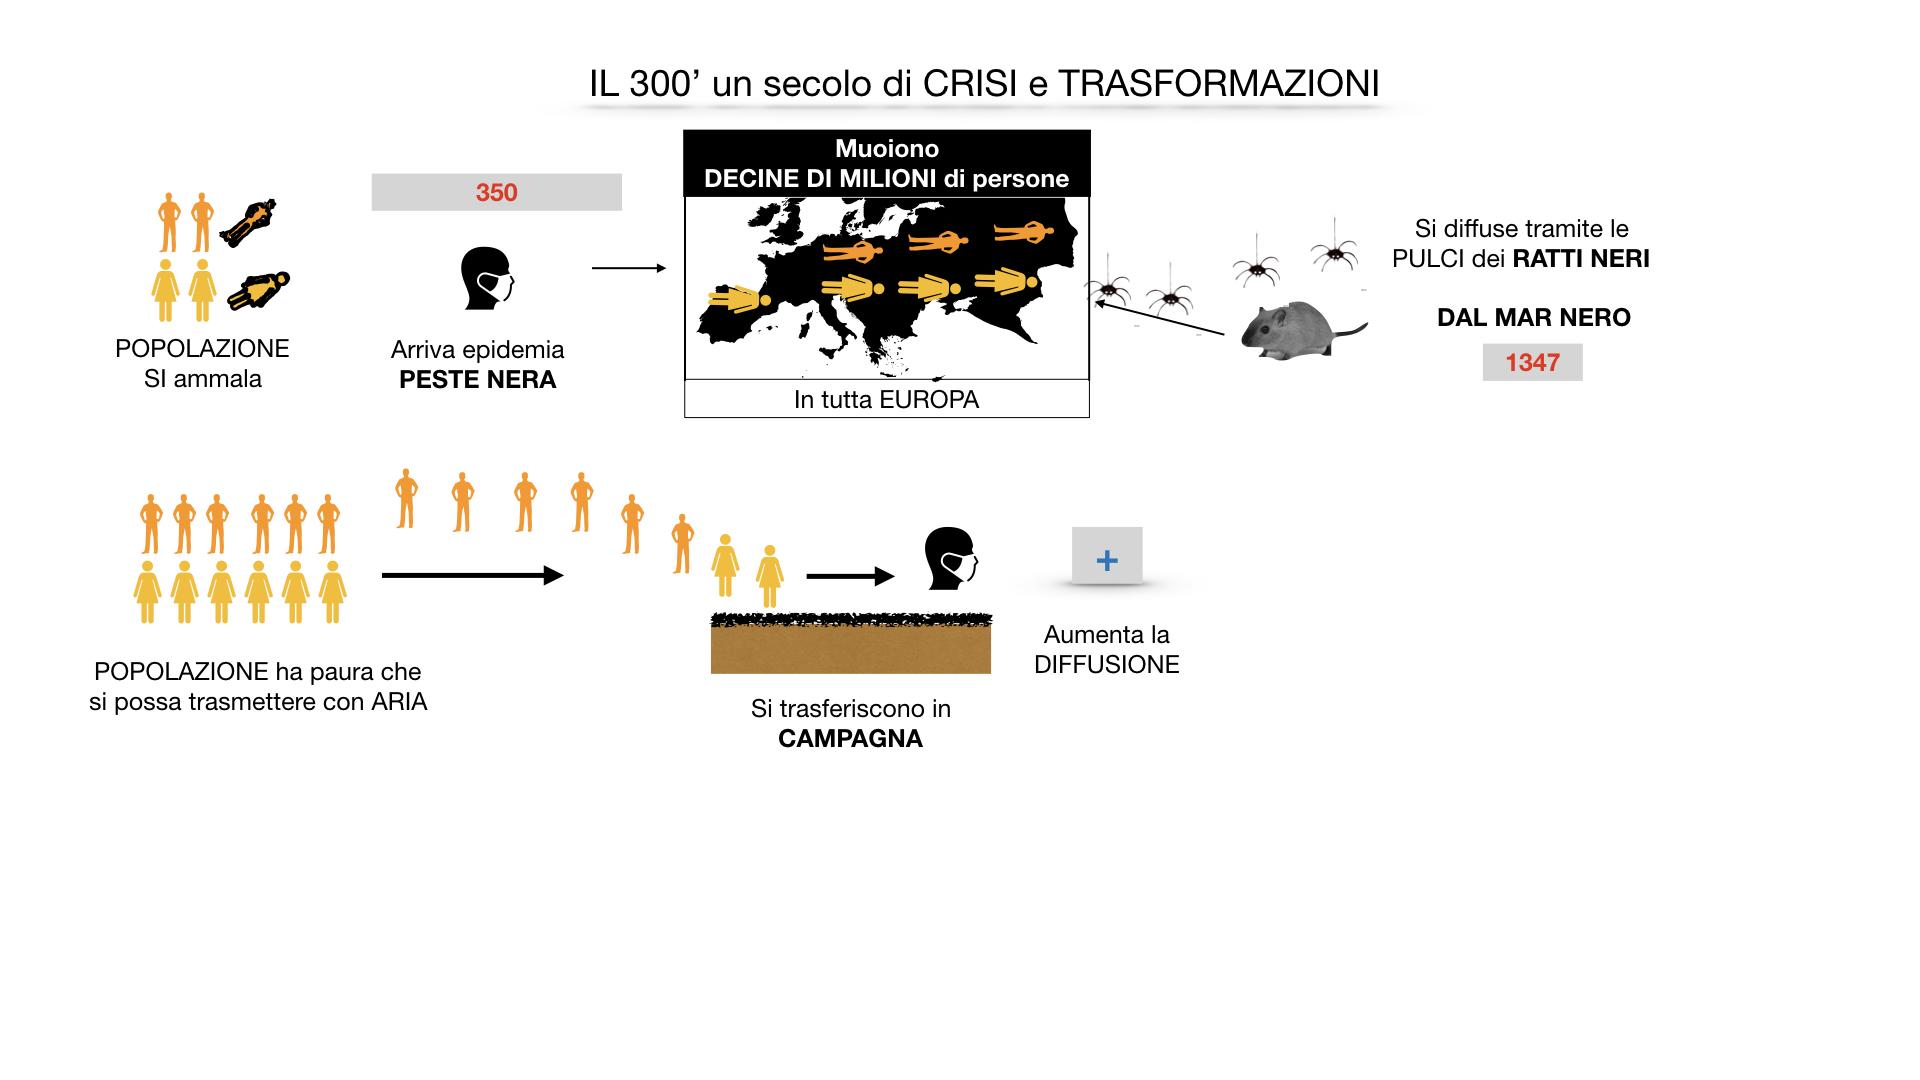 il 300 crisi e trasformazioni_ SIMULAZIONE.025